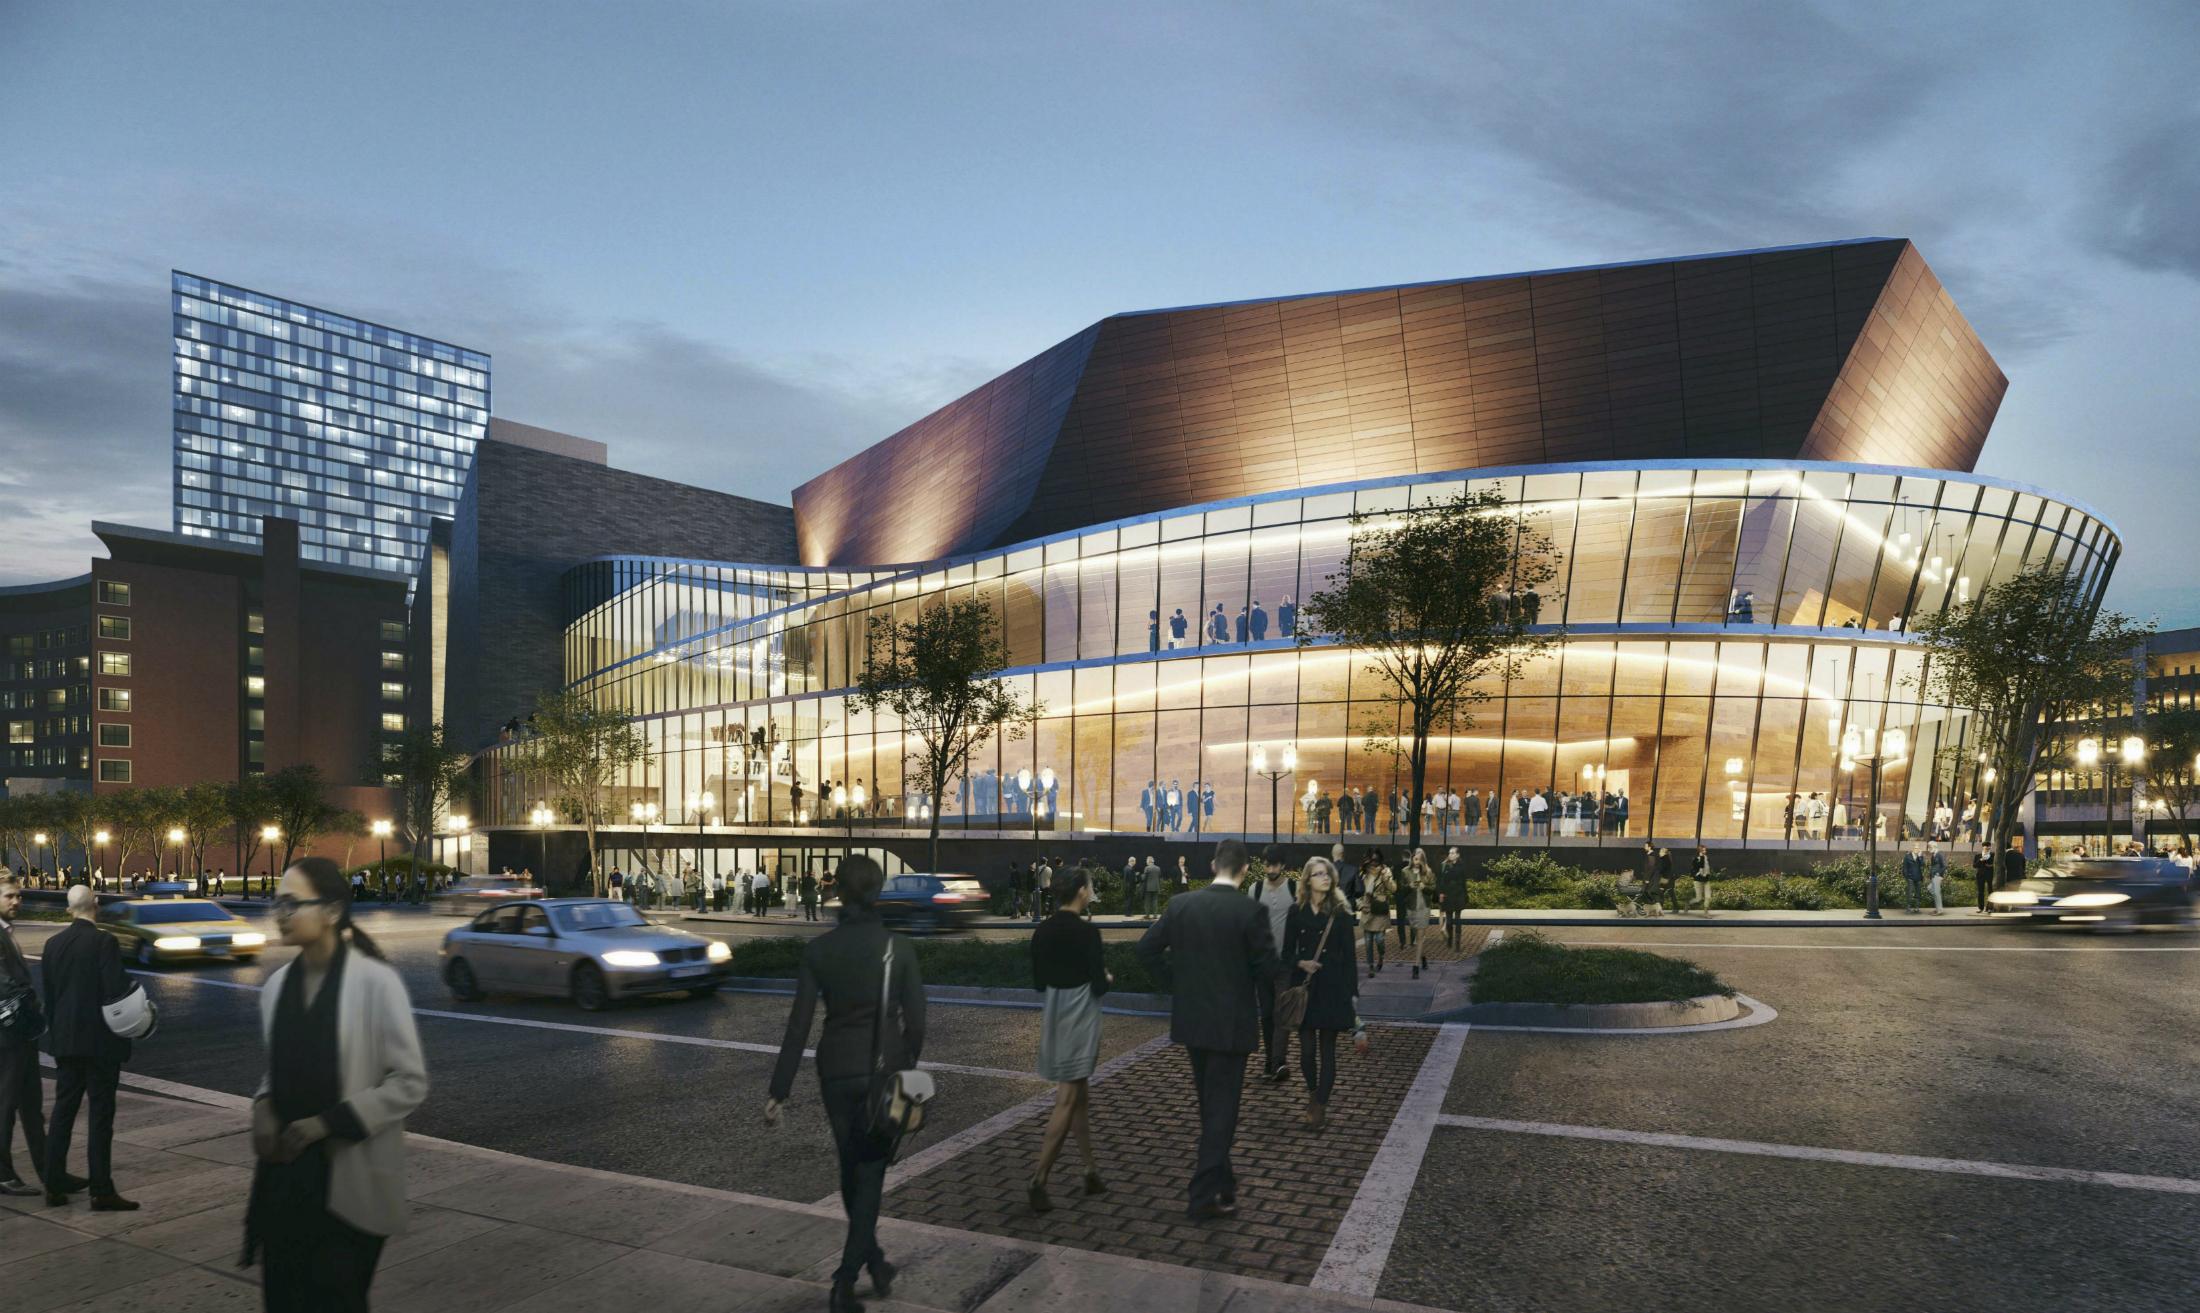 Centene Corporate Auditorium, Parking Garage Design Revisions Presented